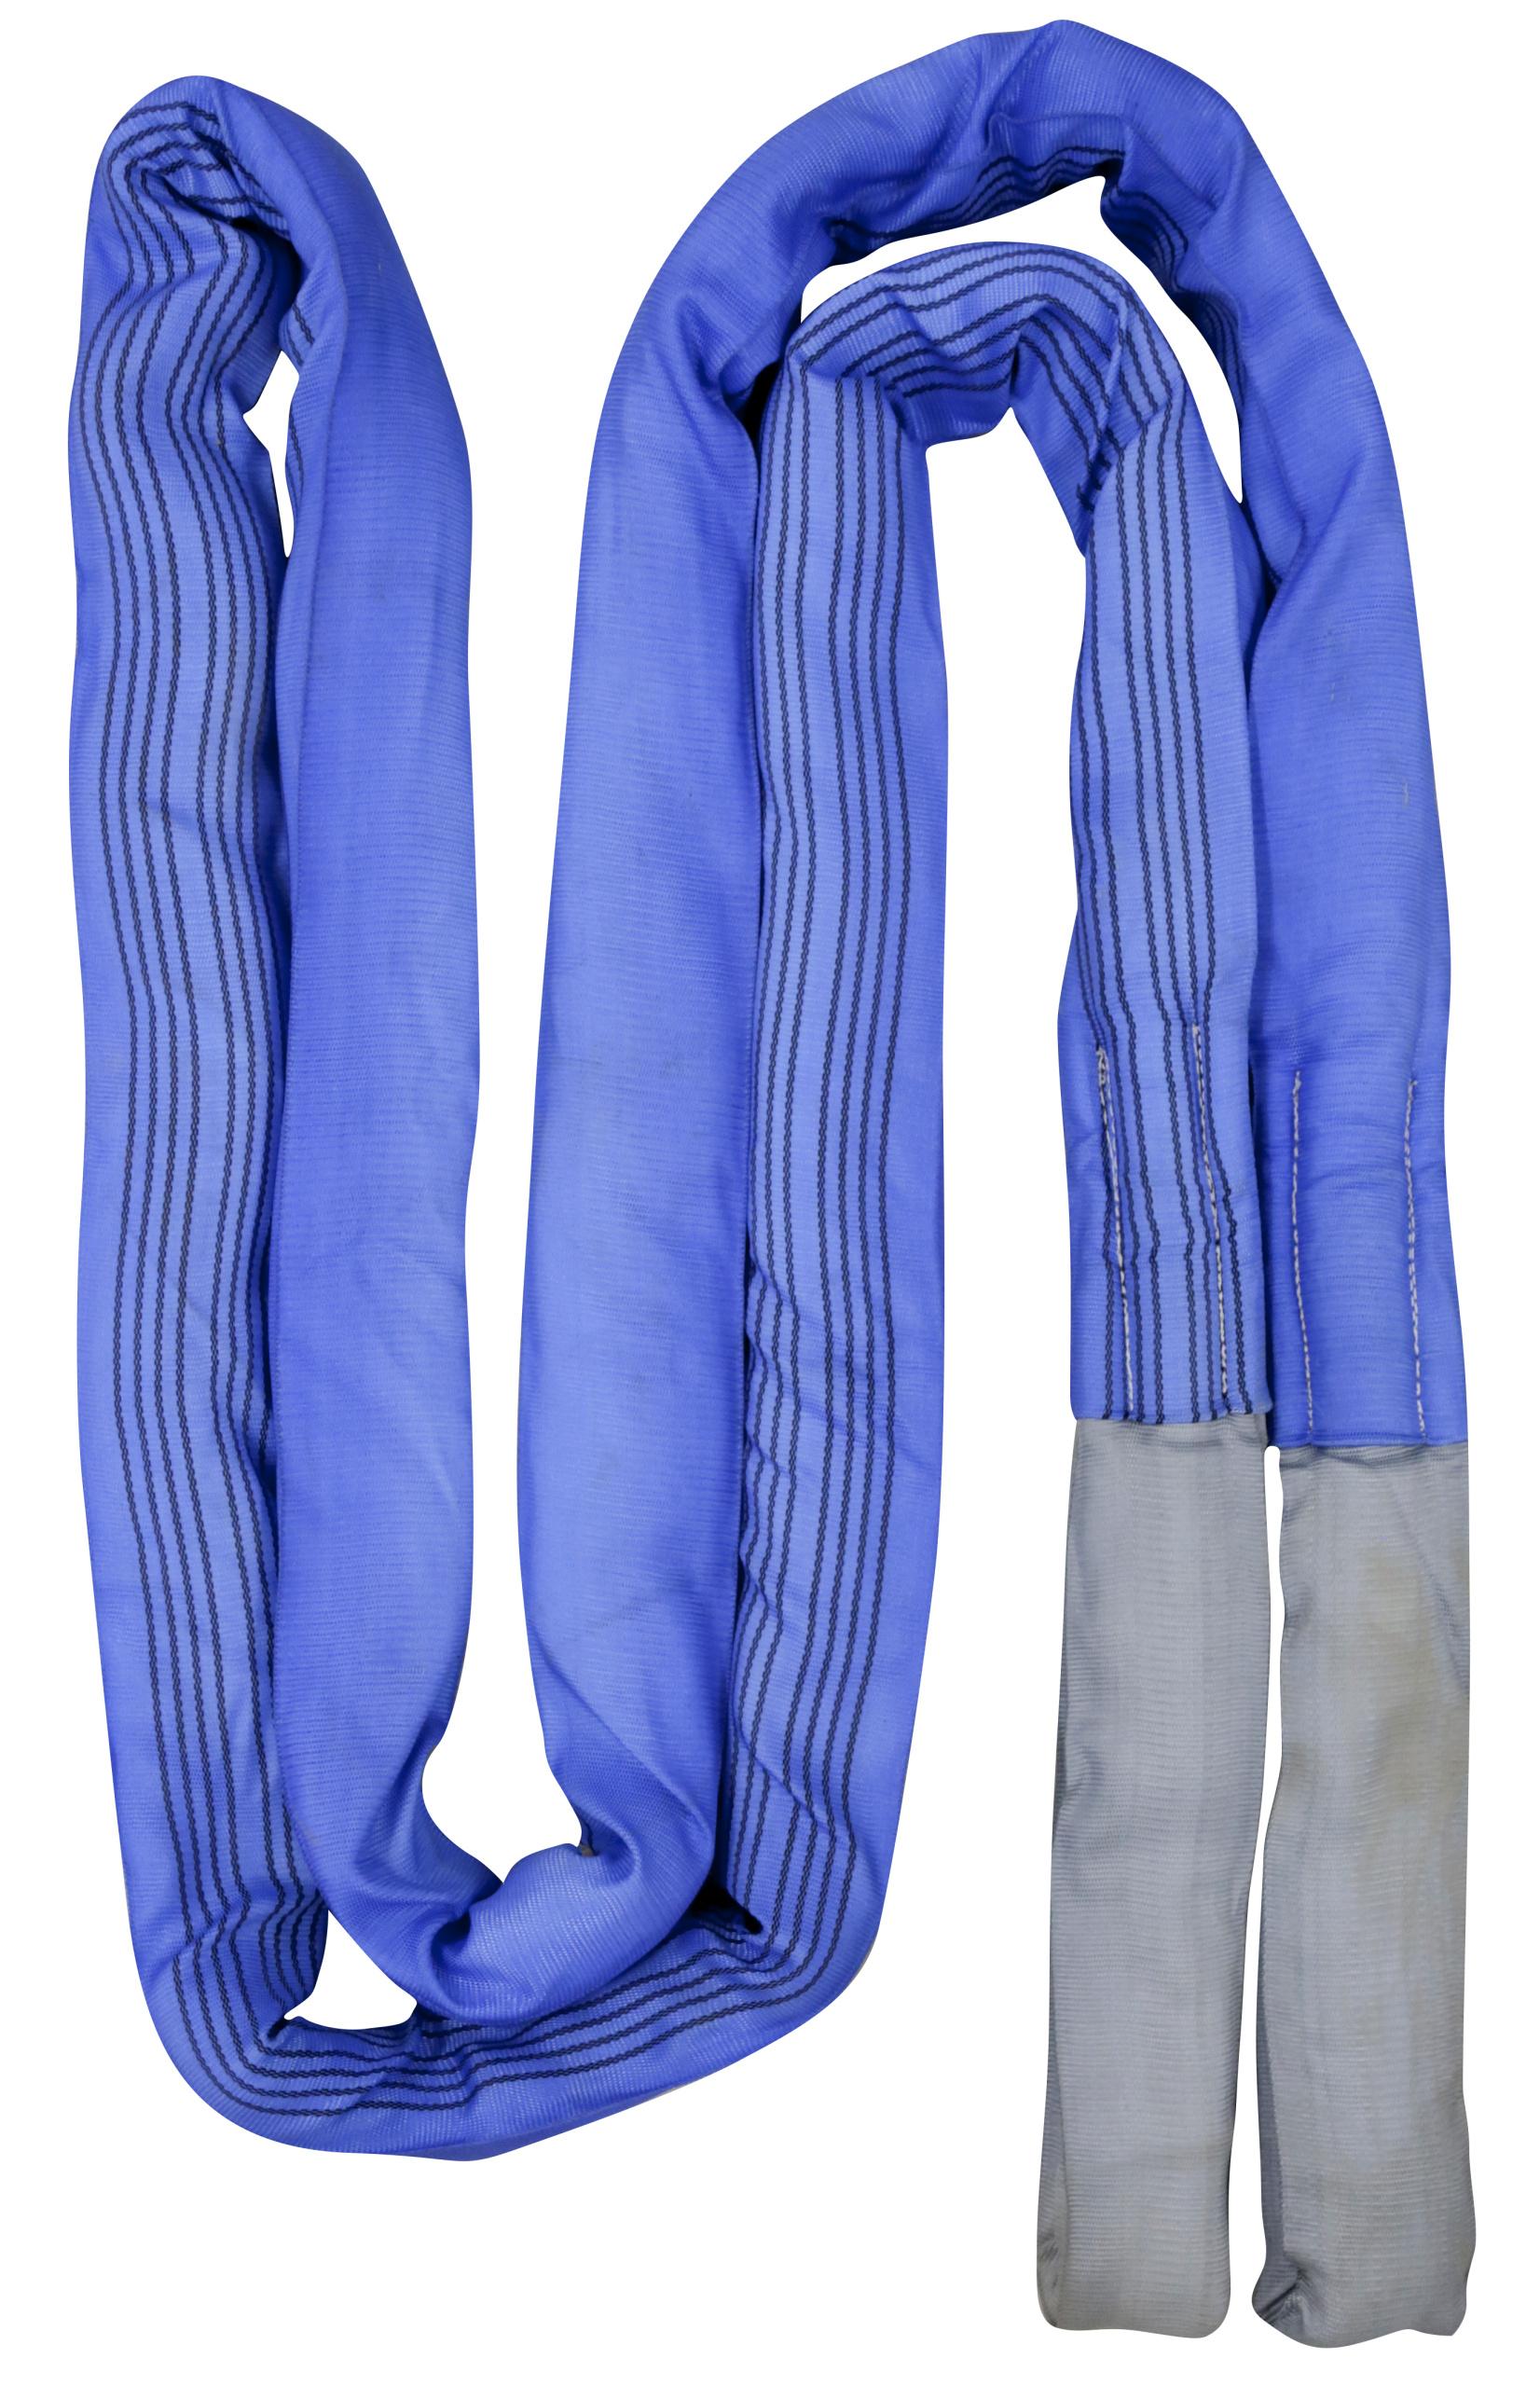 Abschleppschlinge 6m, 56t Reißfestigkeit, blau